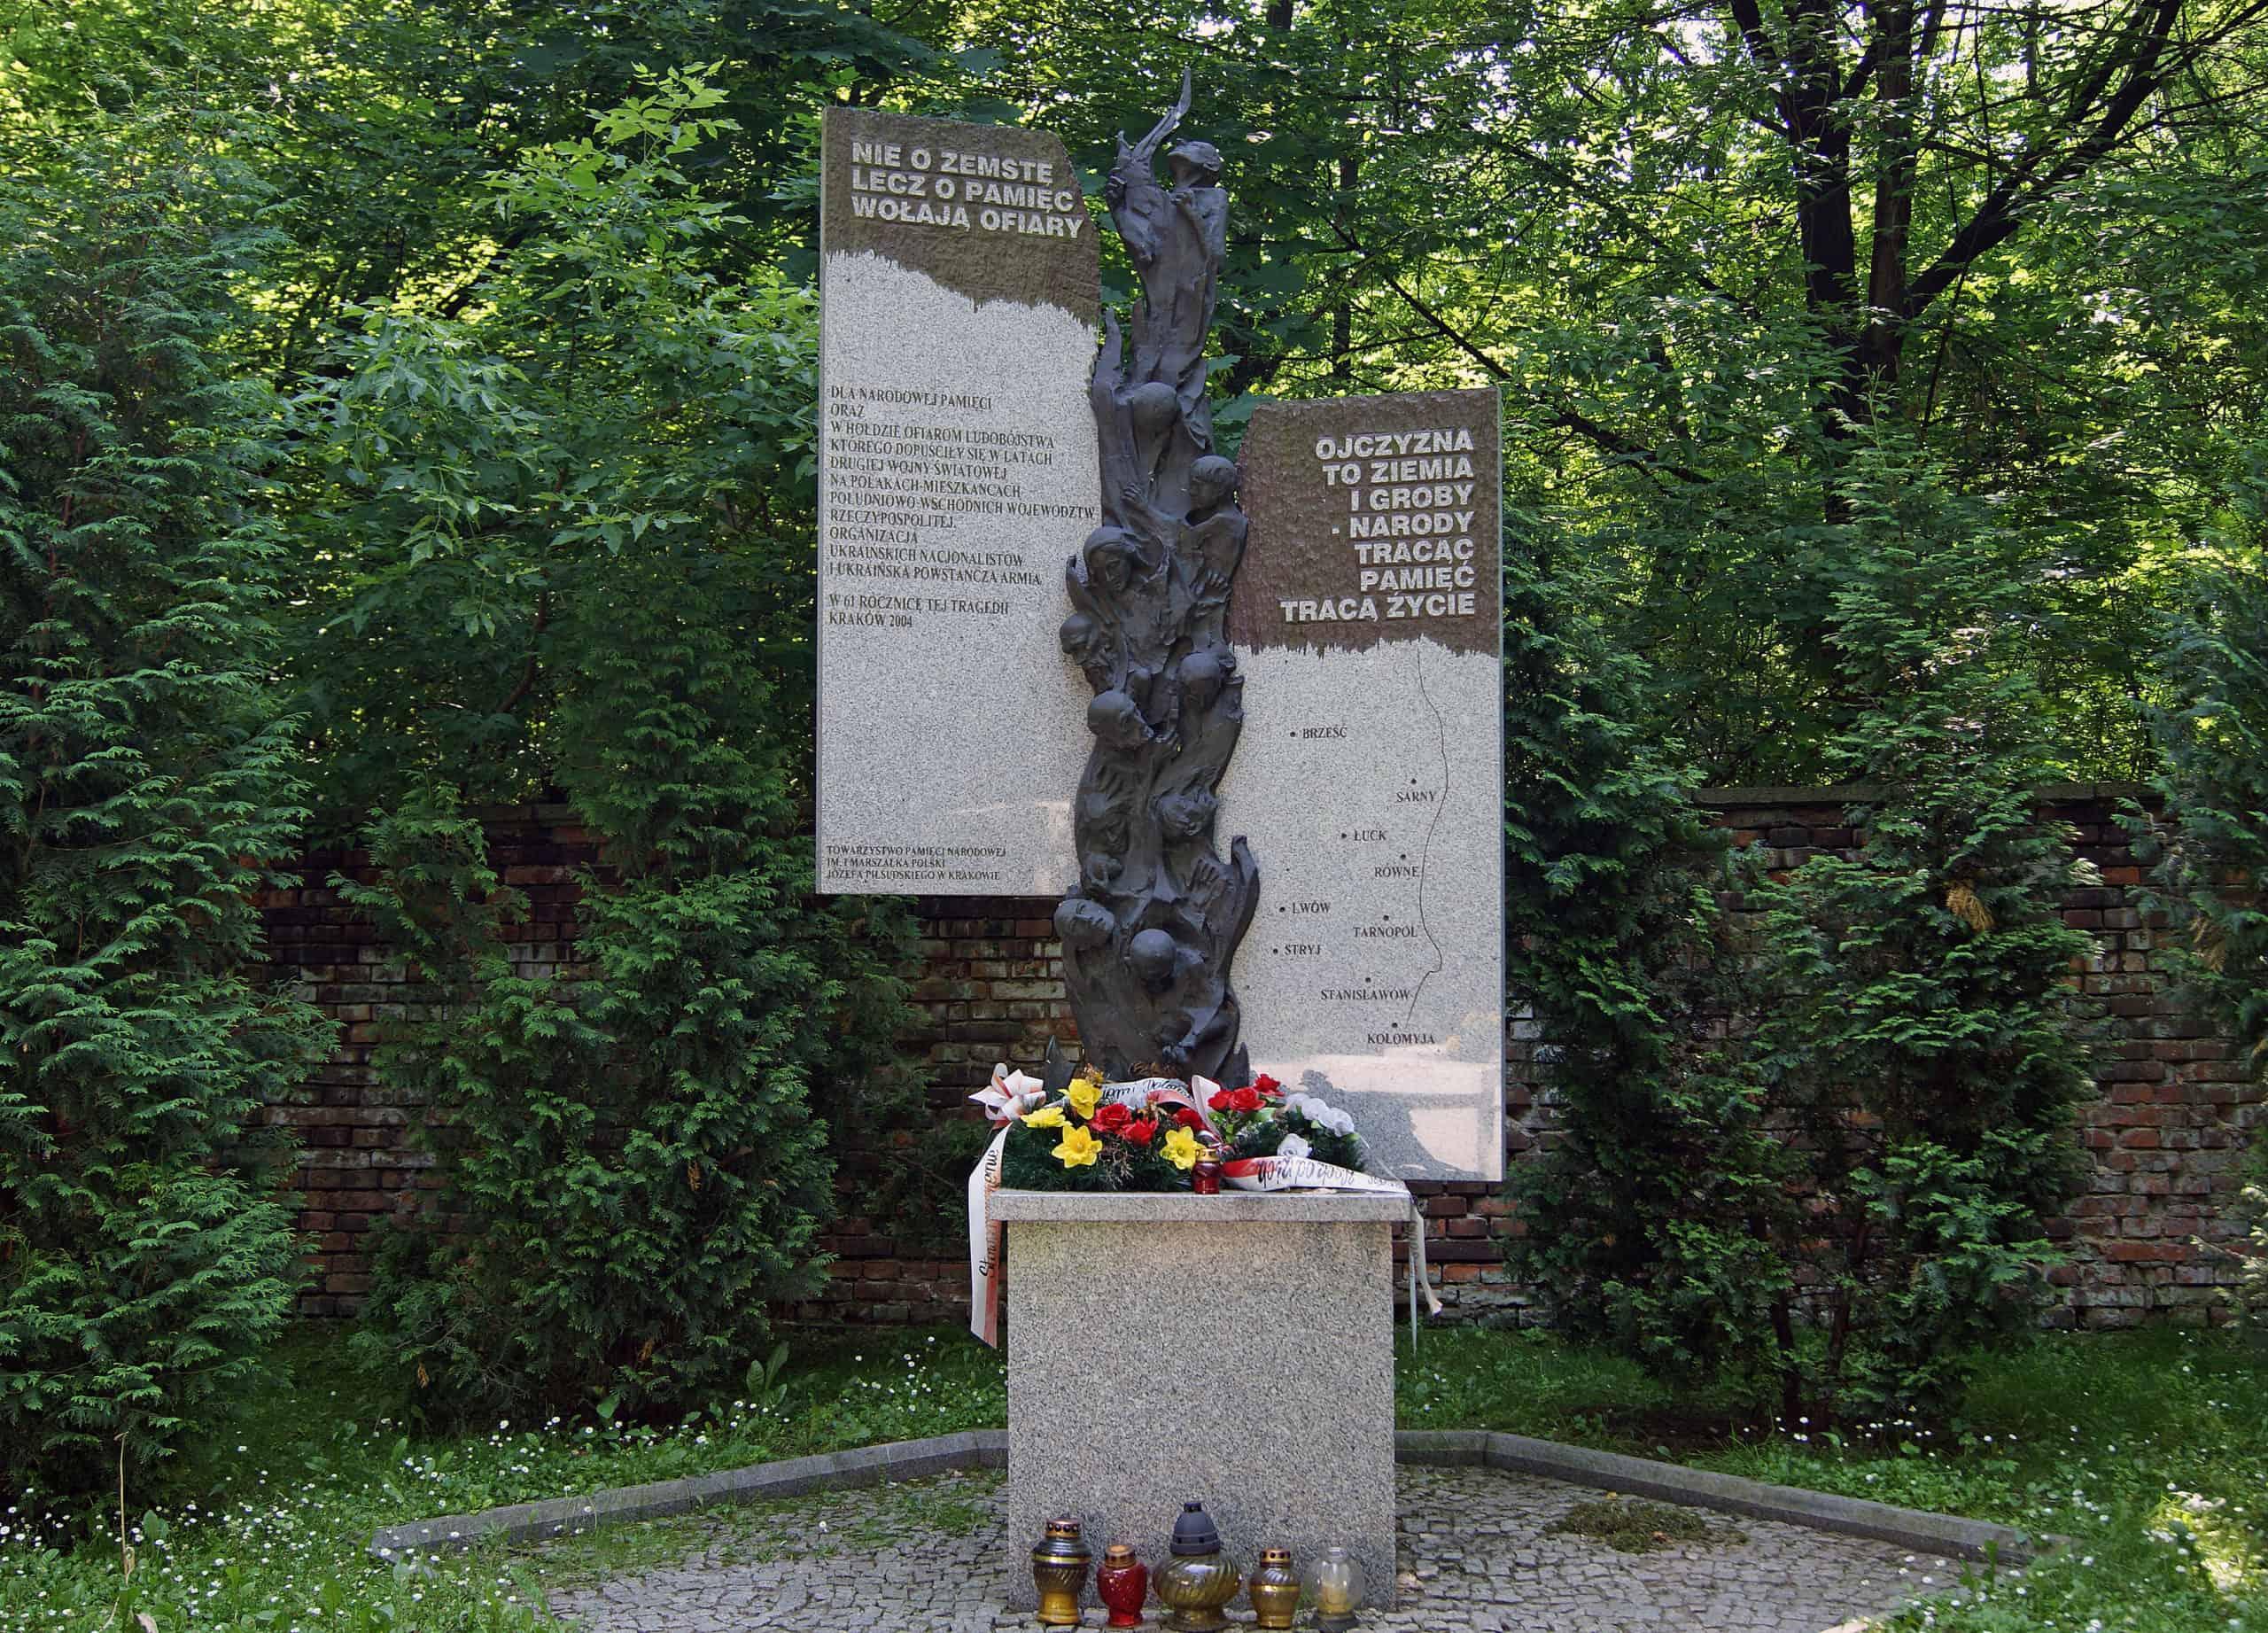 Pomnik ofiar ukraińskiego ludobójstwa naWołyniu cmentarz rakowicki